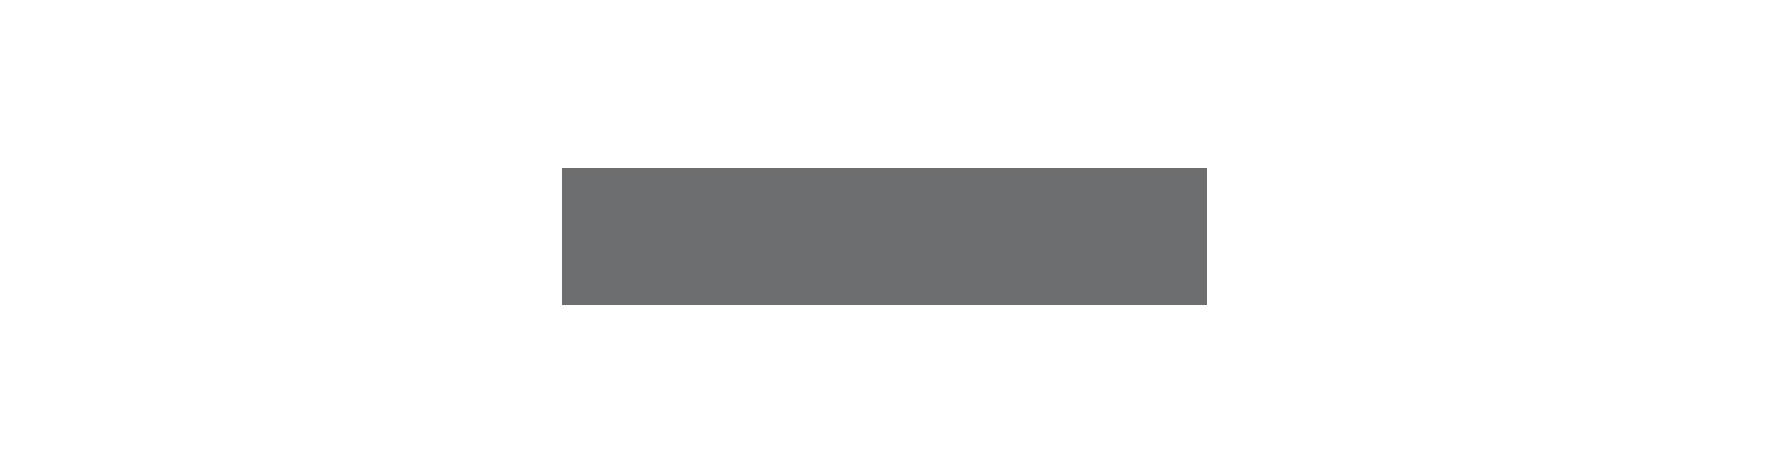 gehl_centro_cores